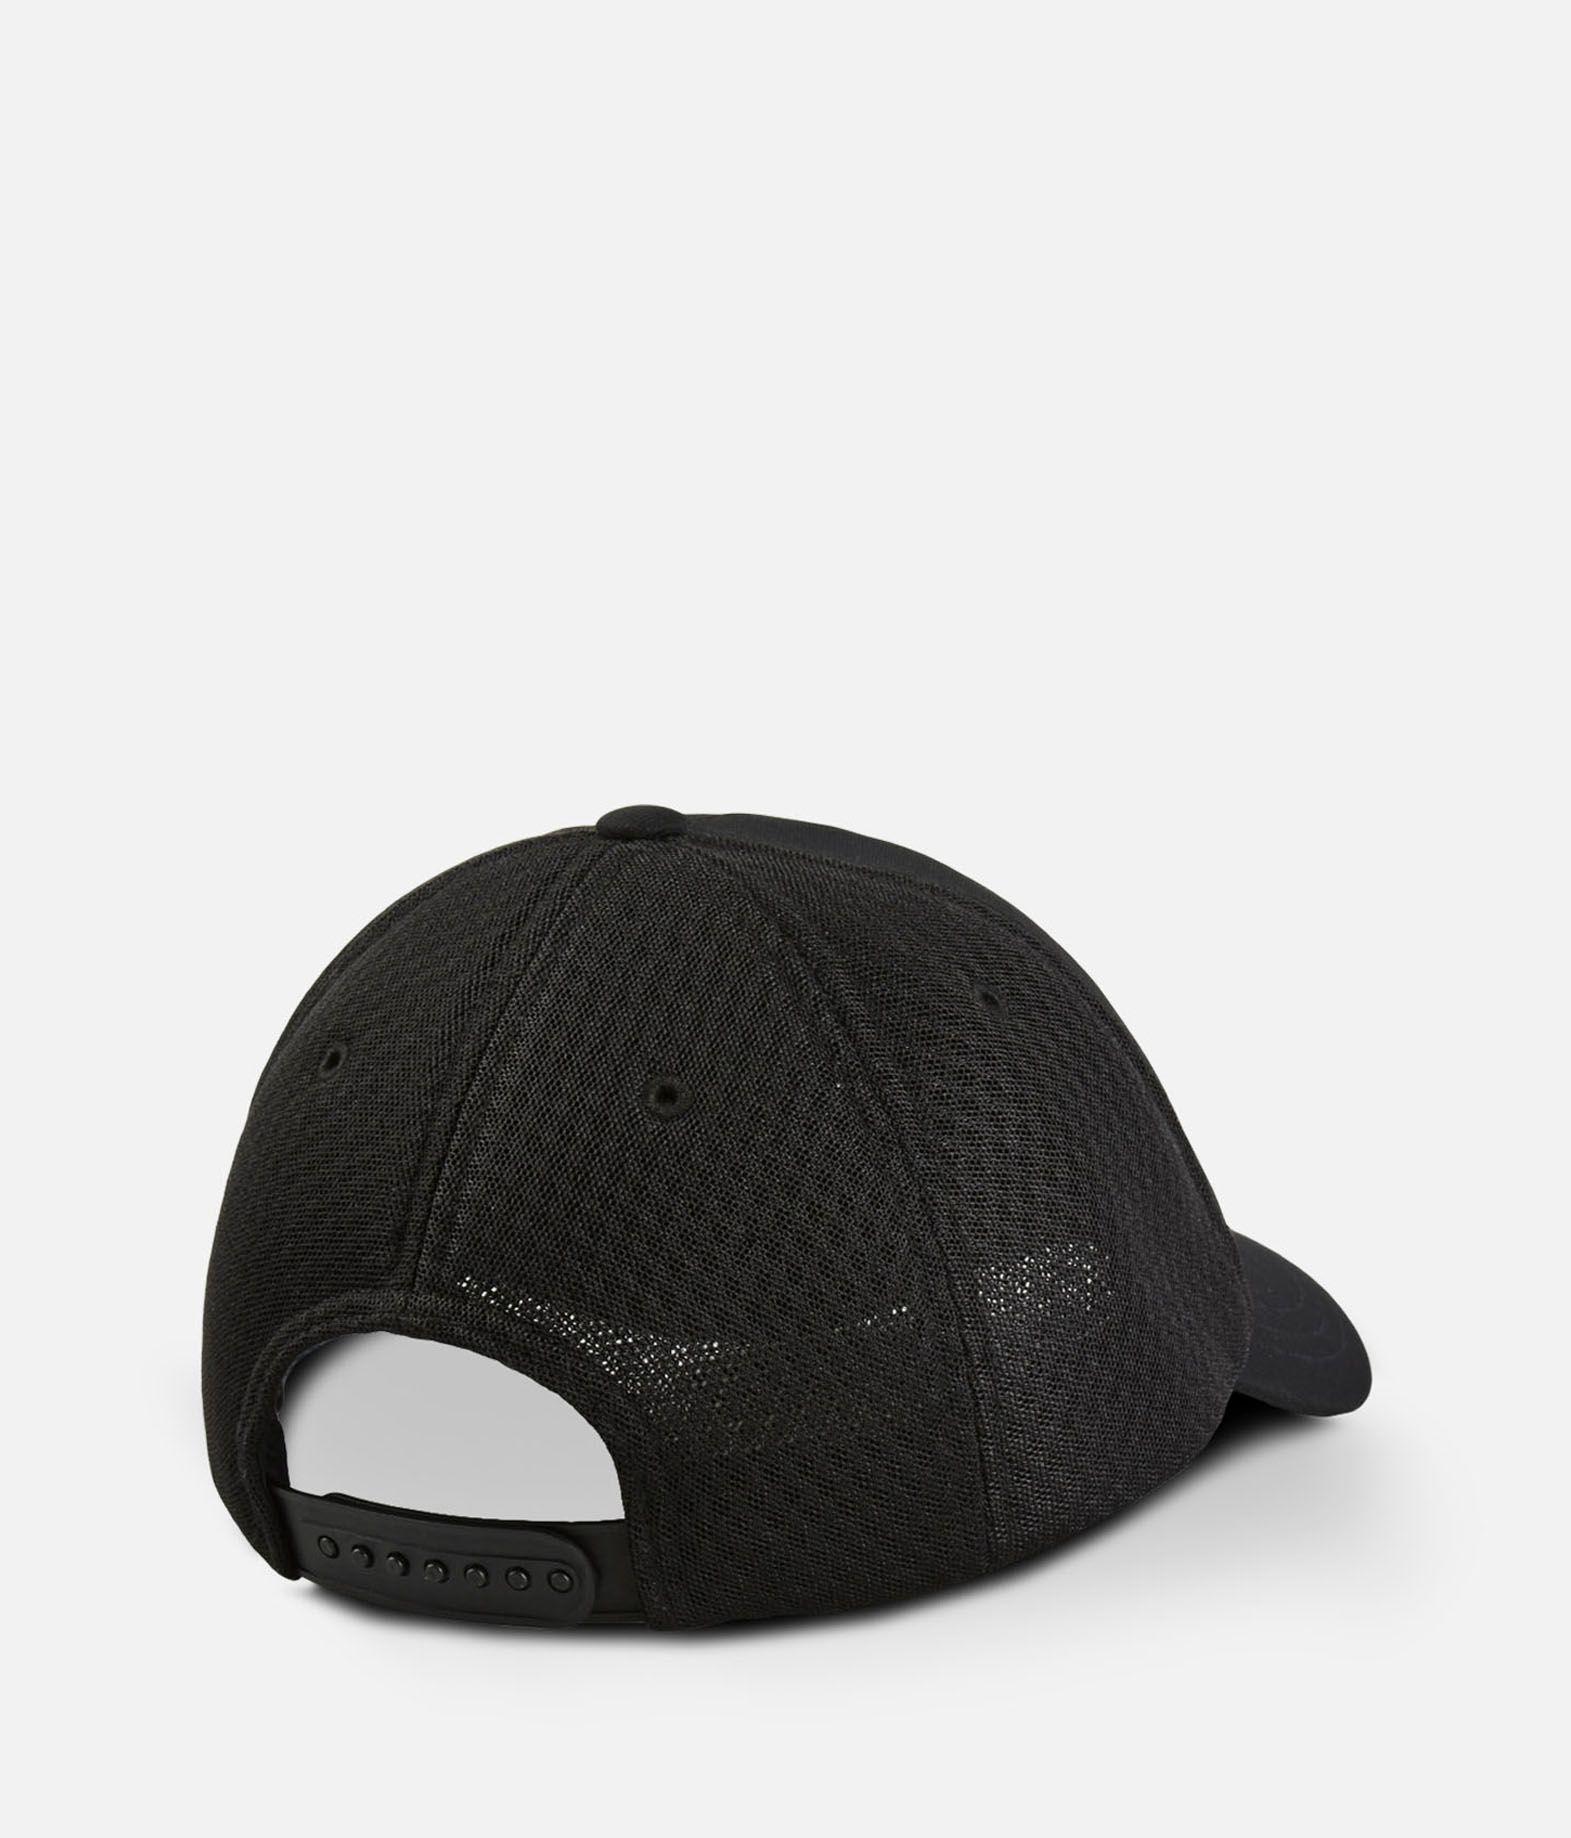 ... Y-3 Y-3 TRUCKER CAP Cap E r ... 7985d9ed7e4